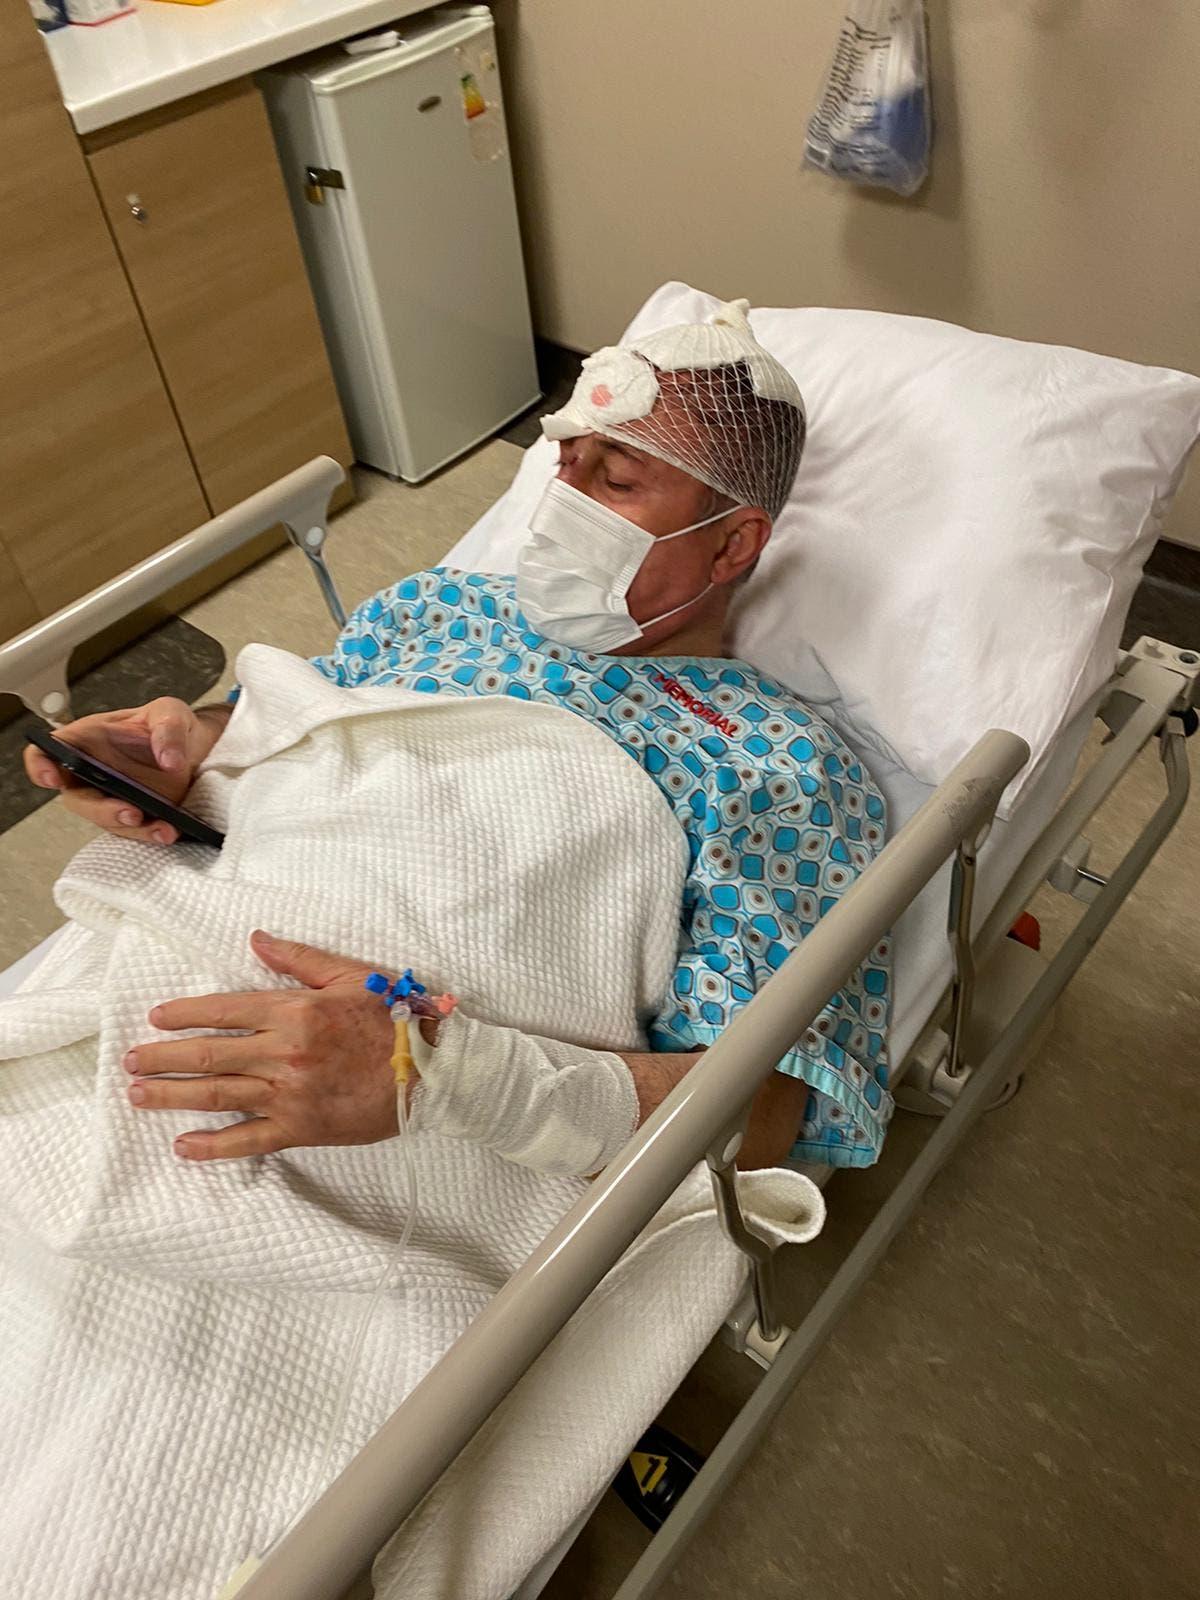 سلجوك أوزداغ بالمستشفى